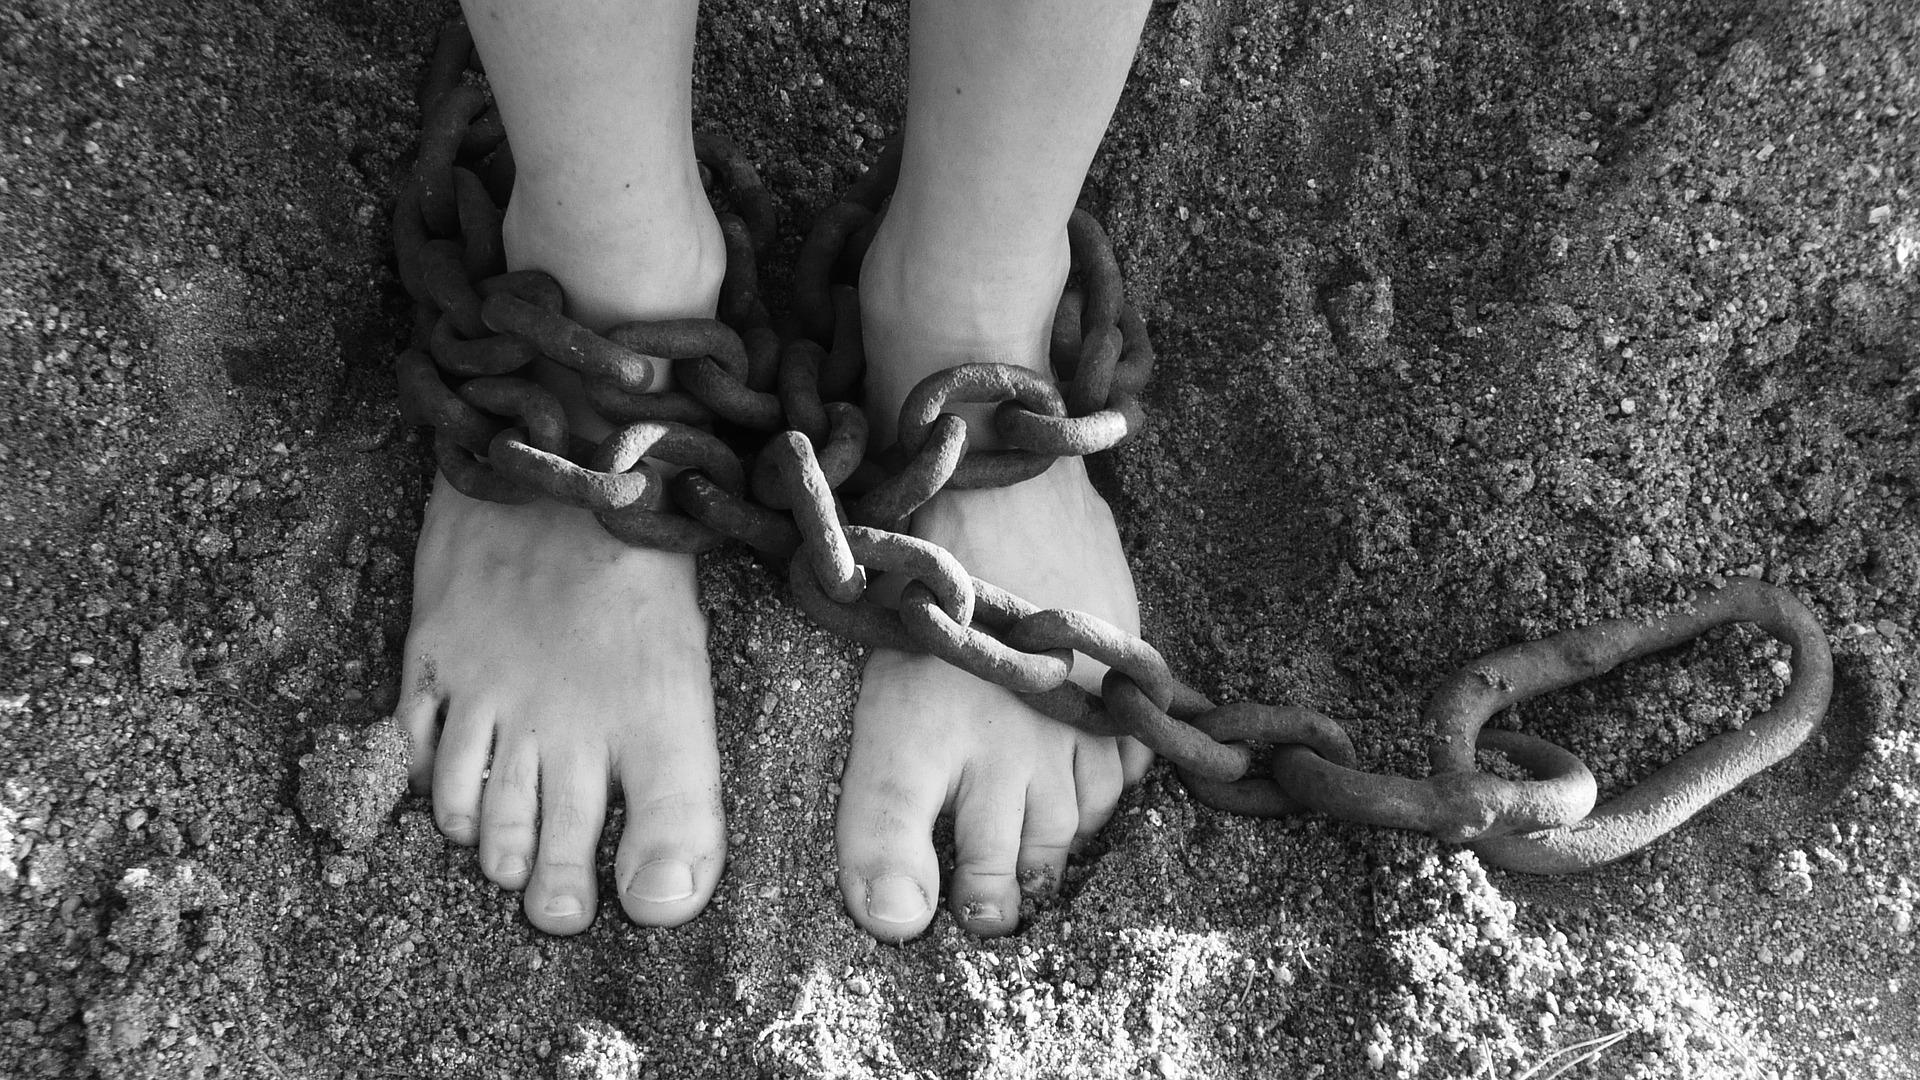 La ansiedad puede hacernos sentir prisioneros